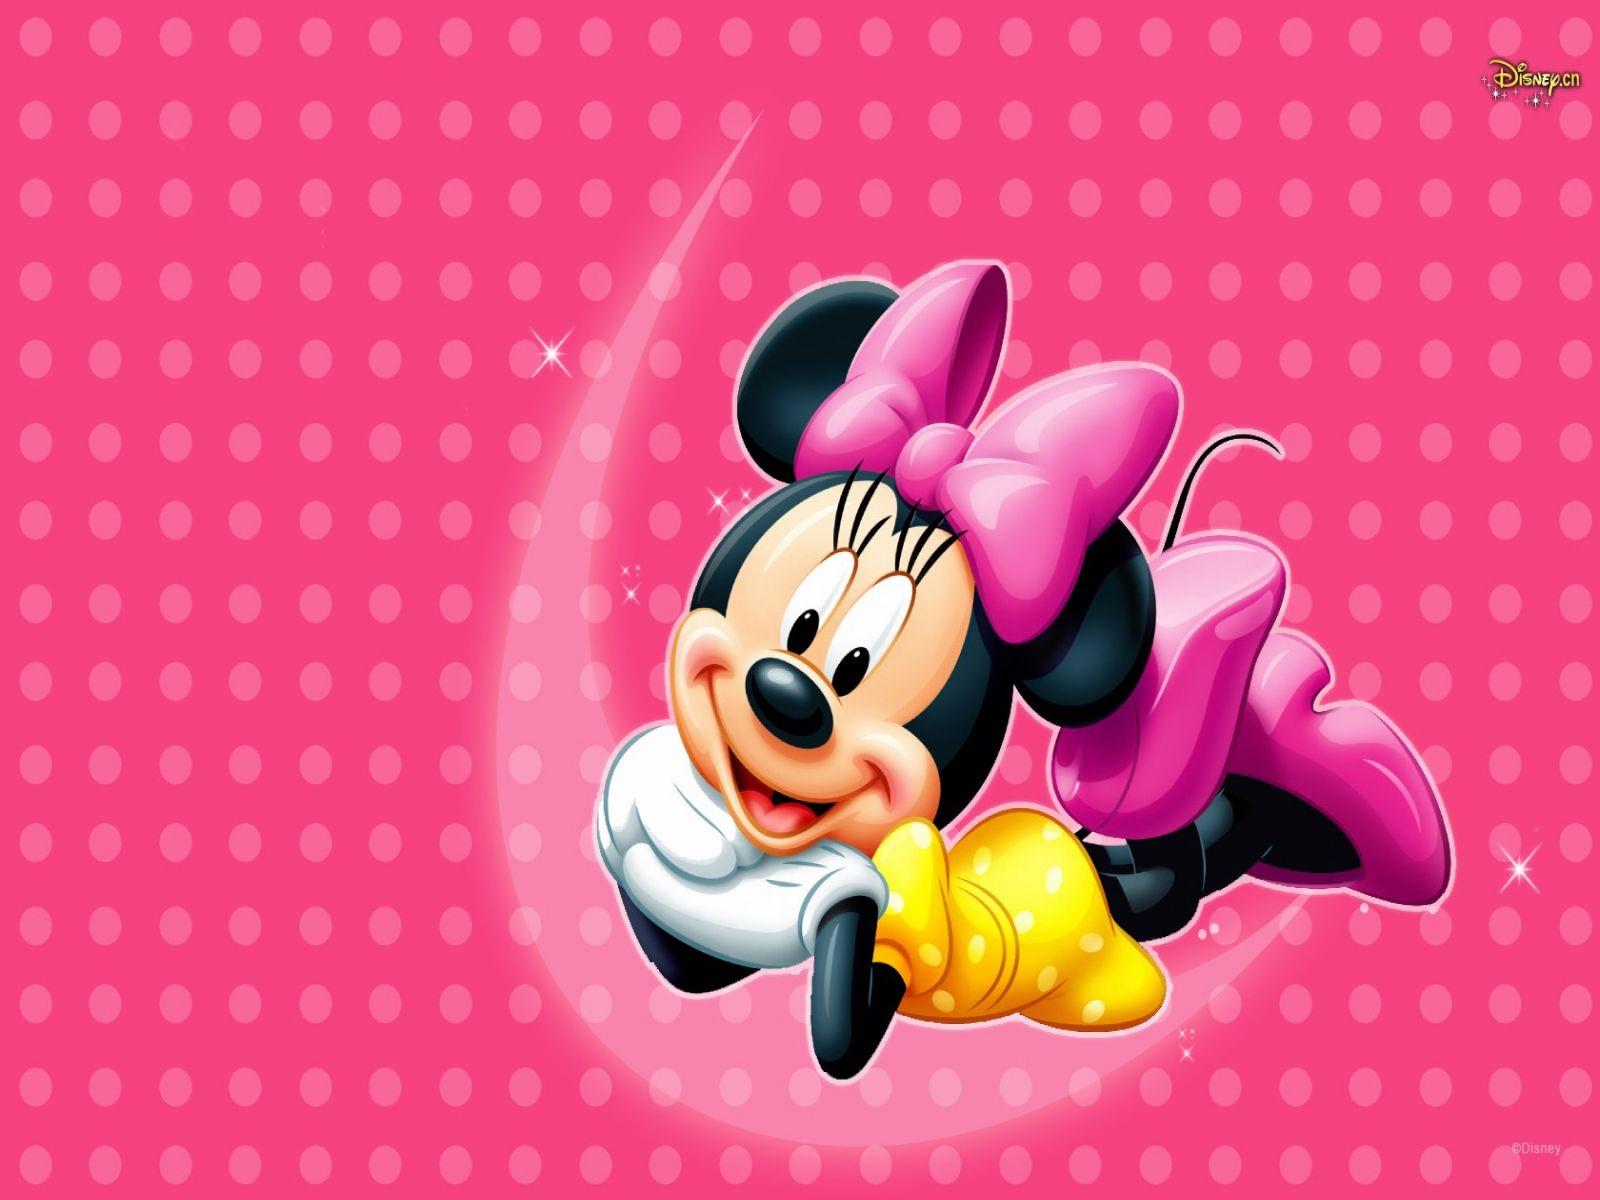 Disney cartoon wallpapers desktop wallpaper disney cartoon wallpaper 1600x1200